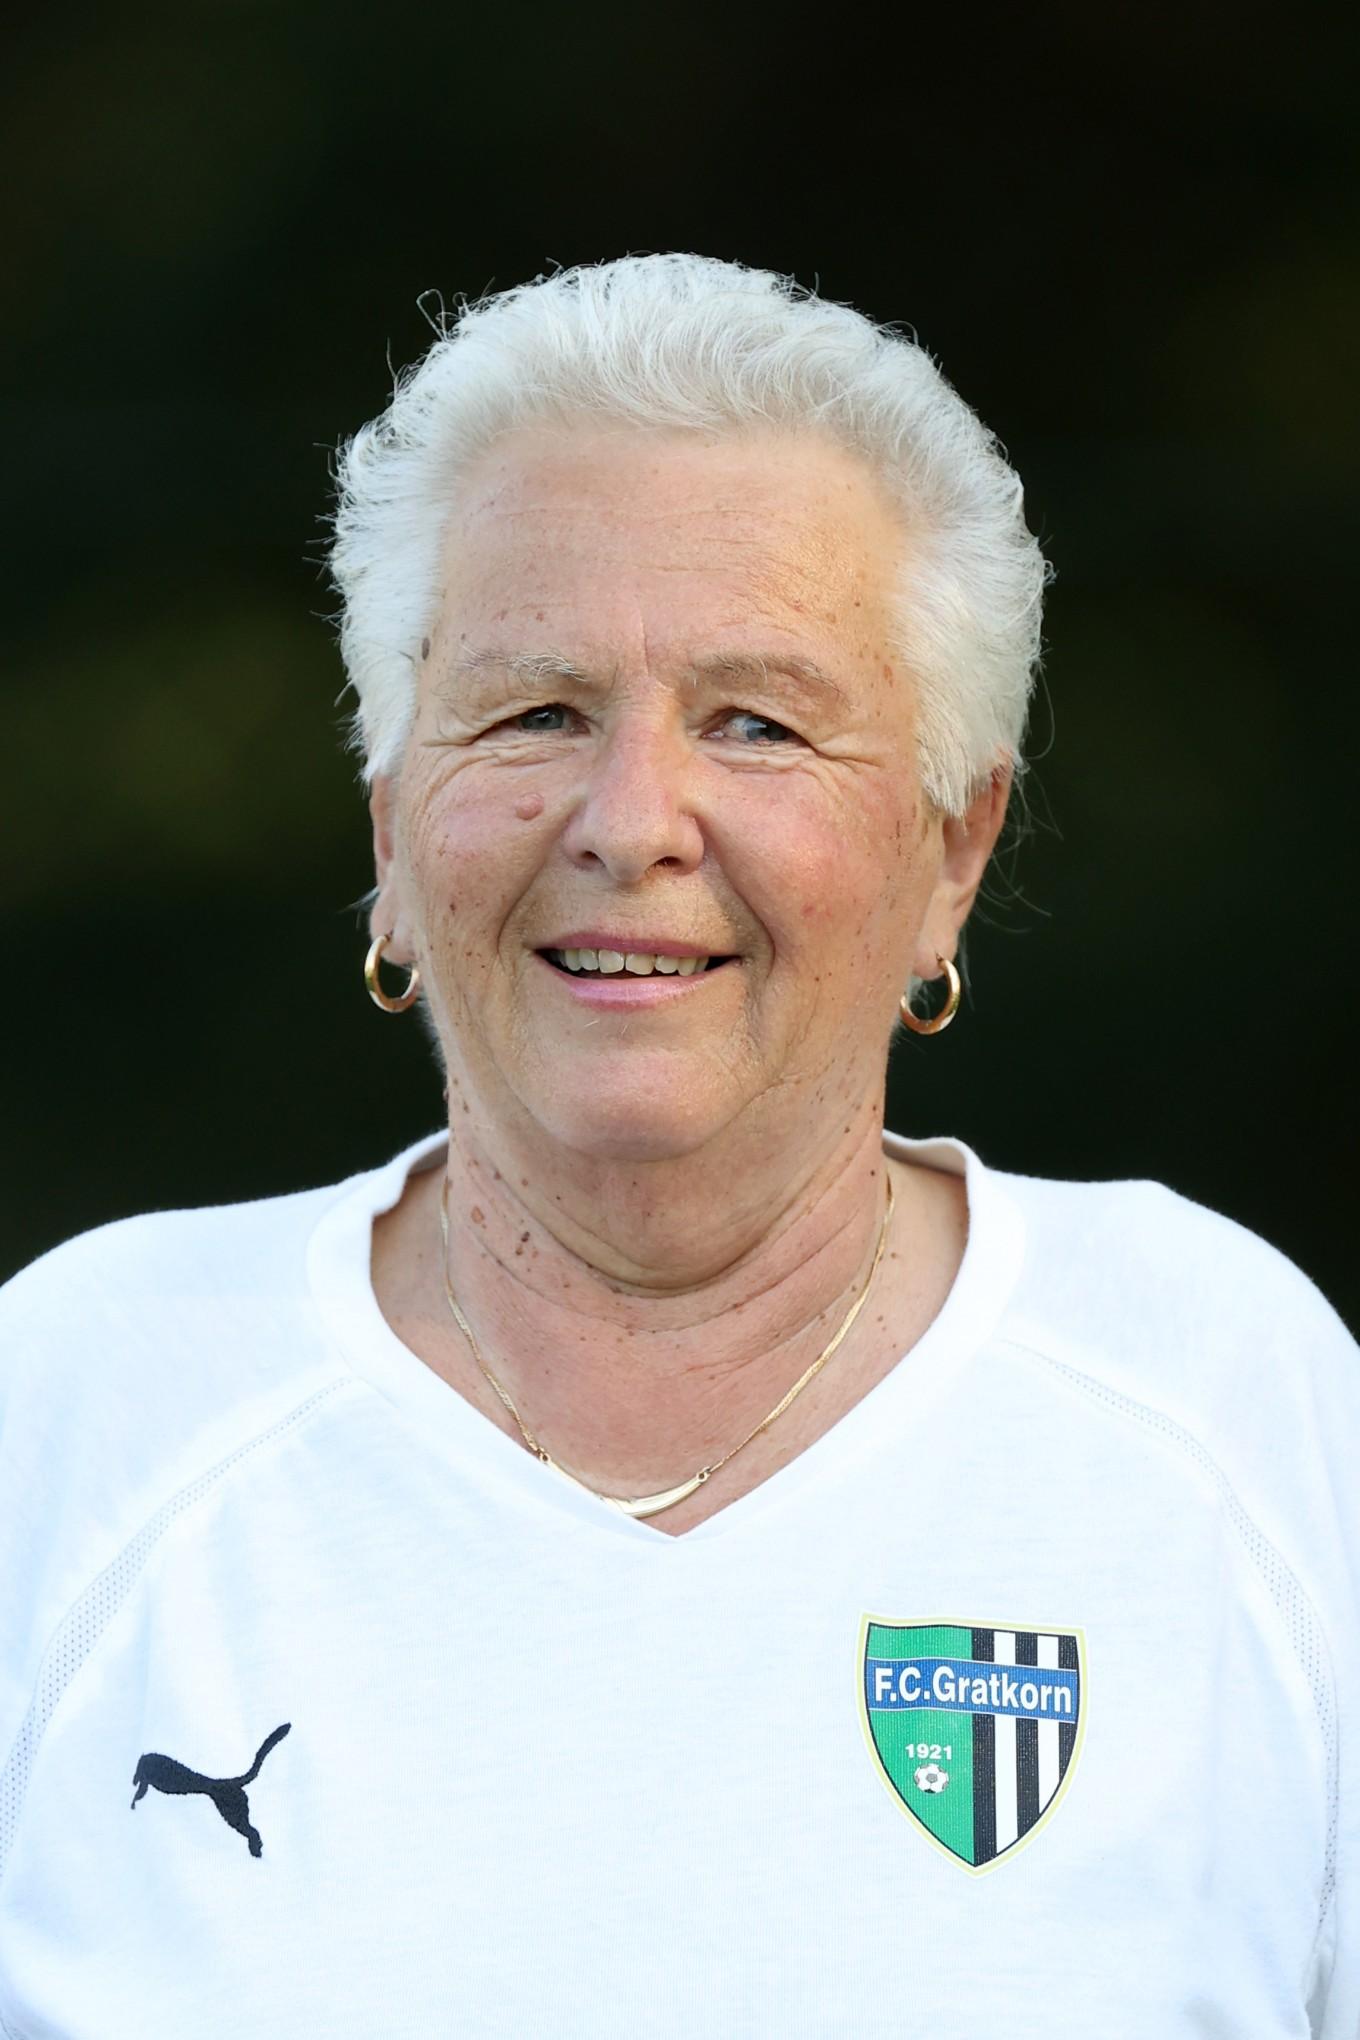 Roswitha Isker, FC Gratkorn